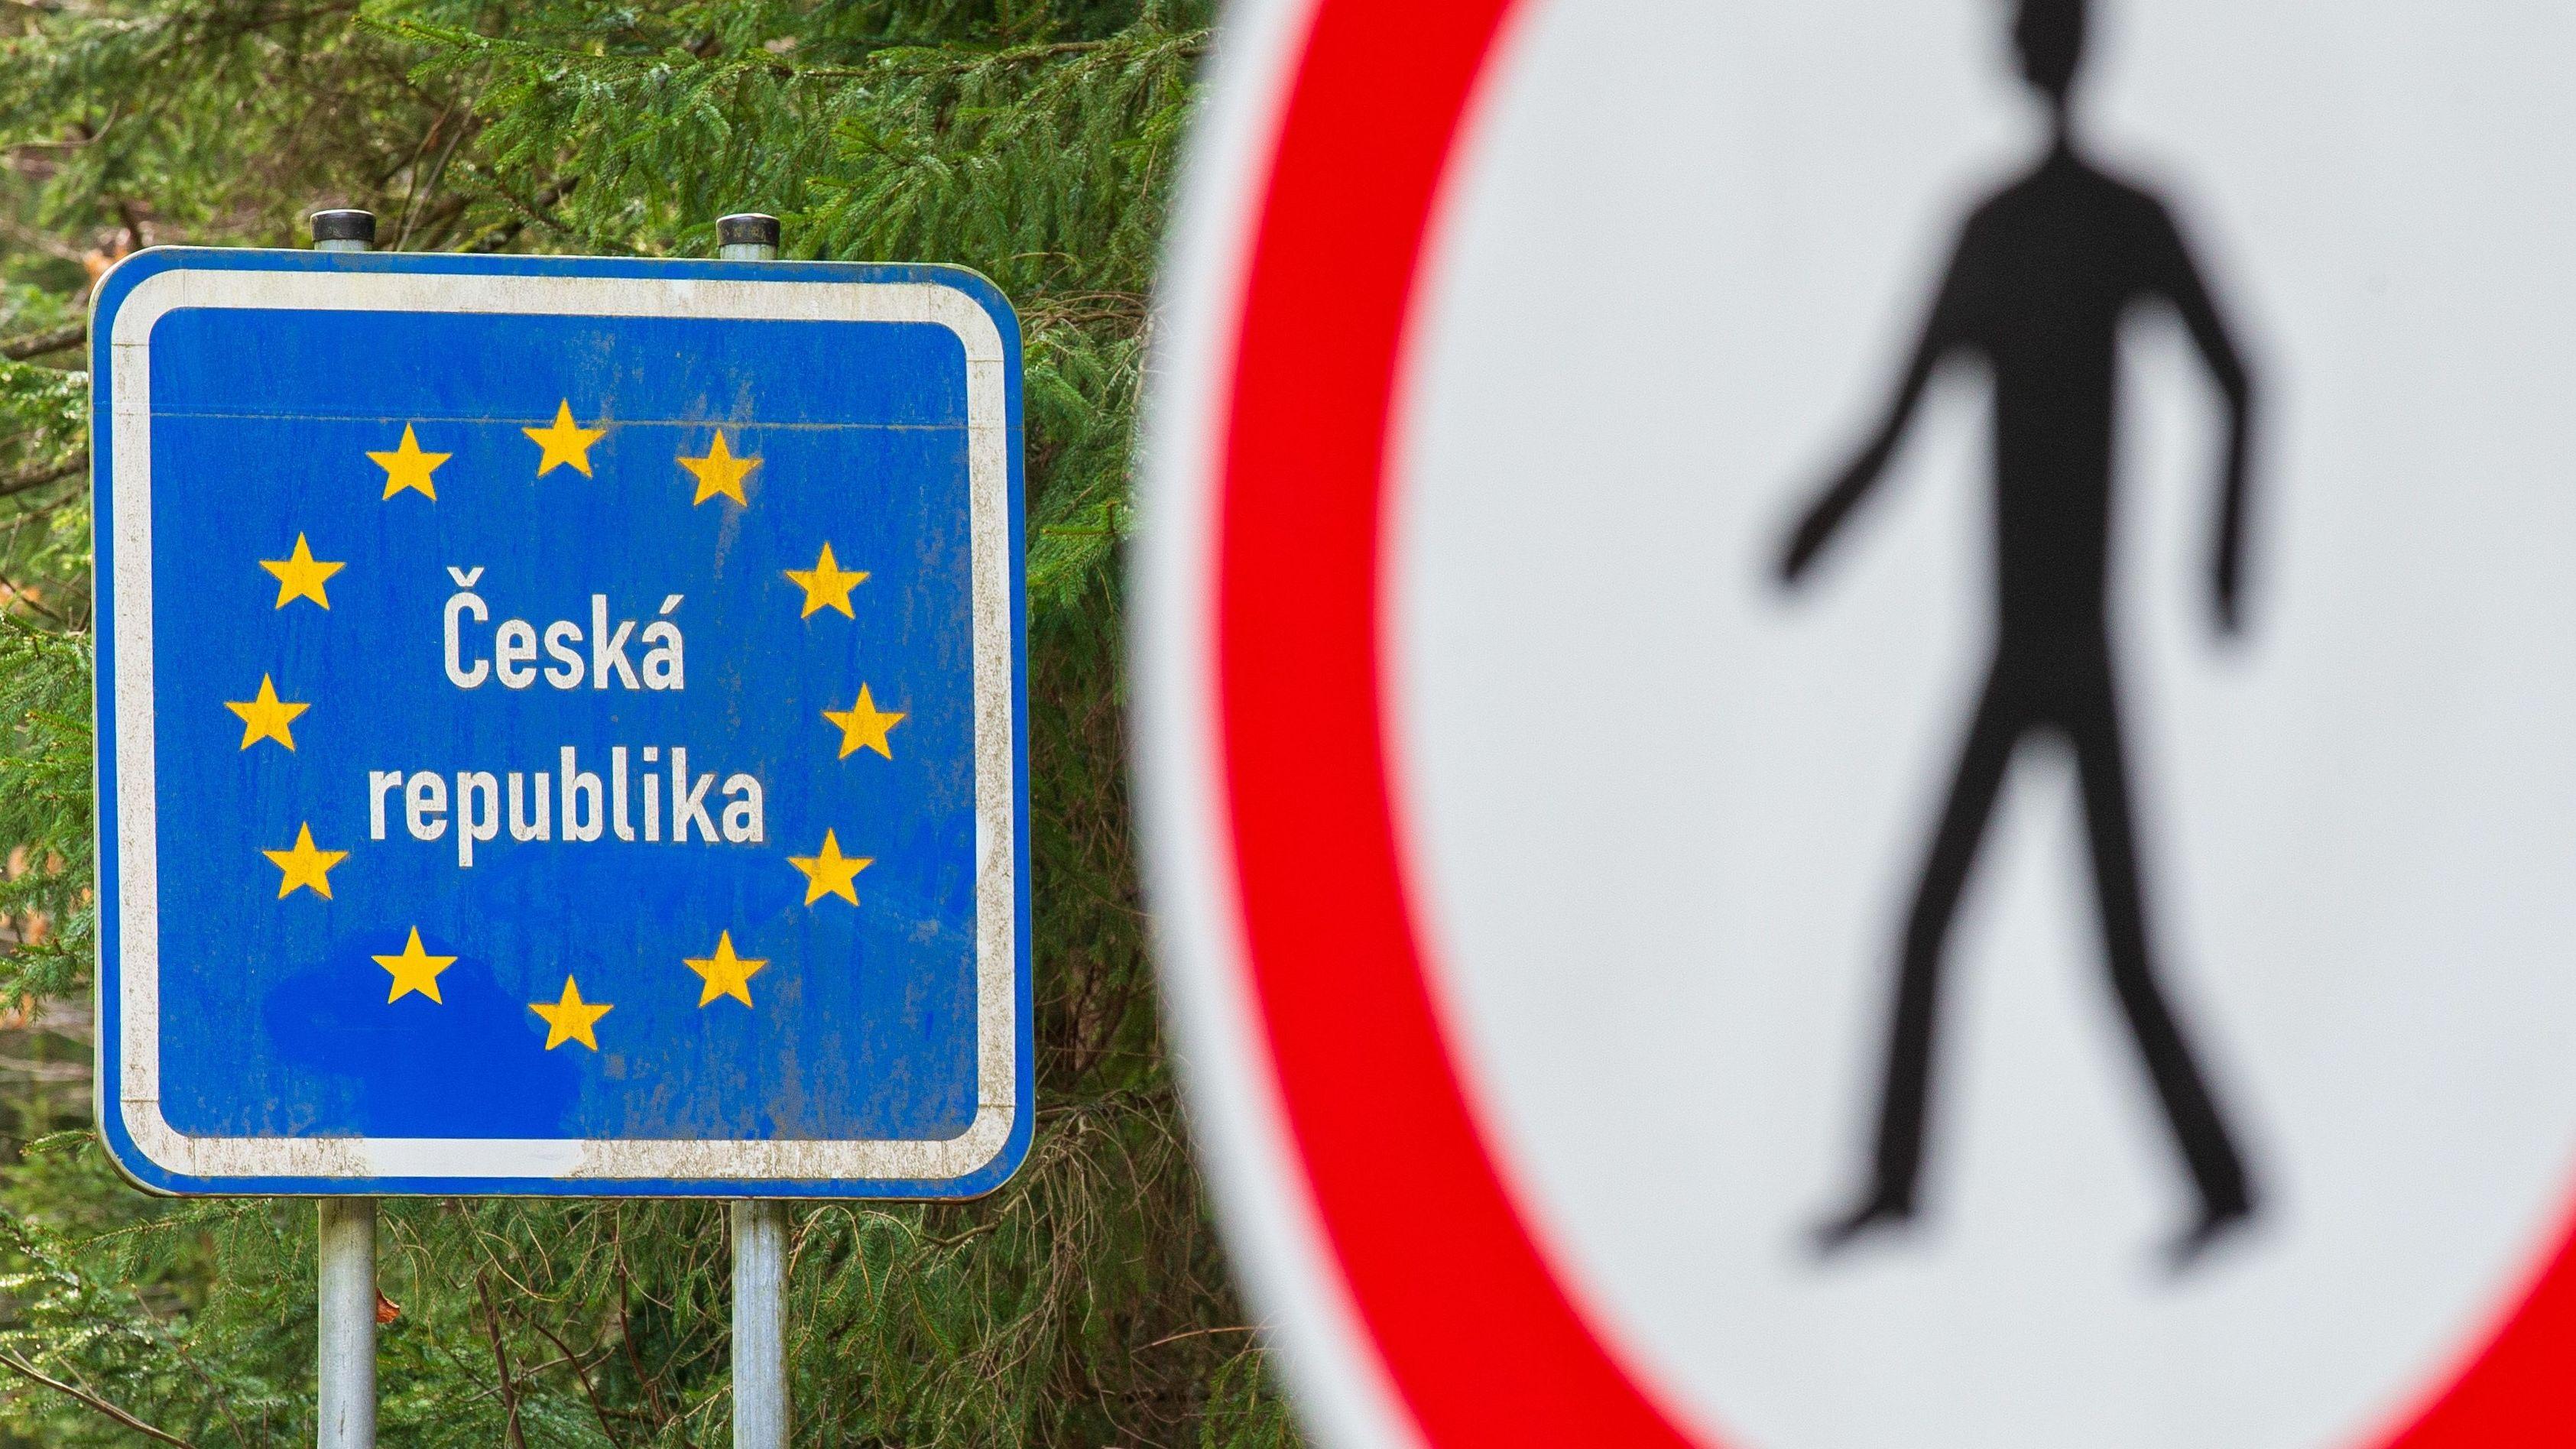 Tschechisch-deutsche Grenze.